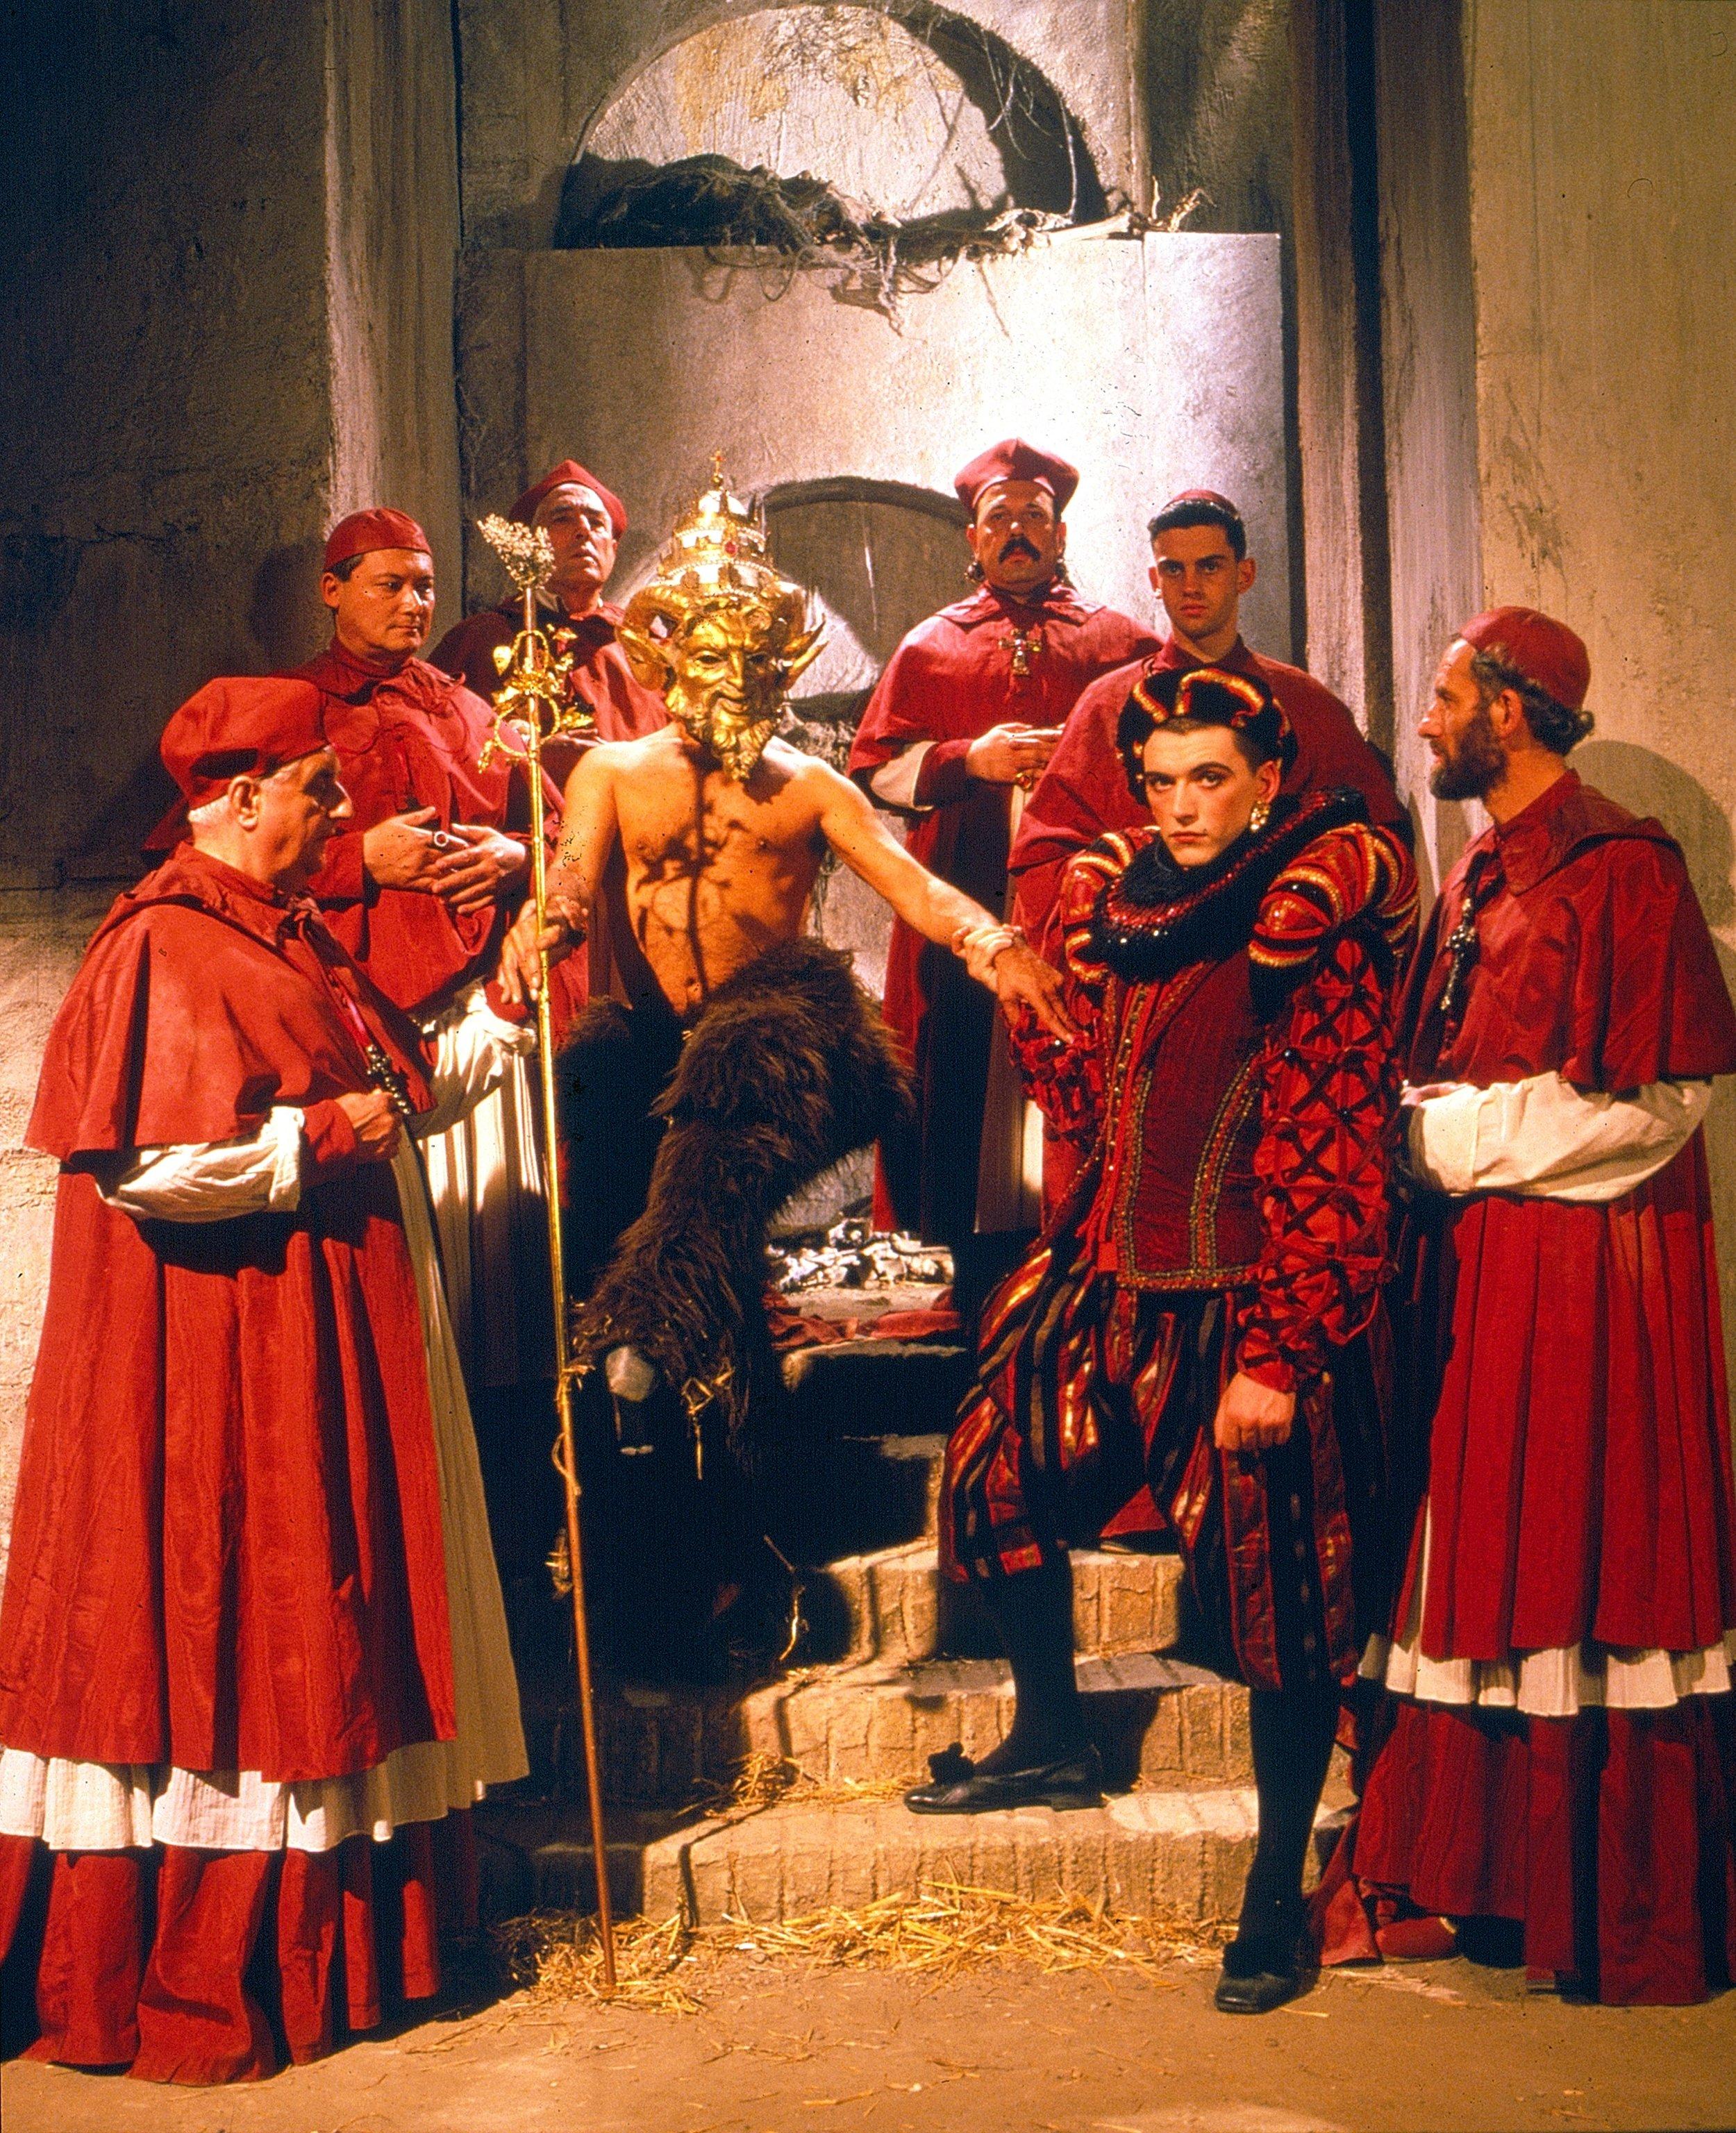 Caravaggio. Image courtesy of the BFI.